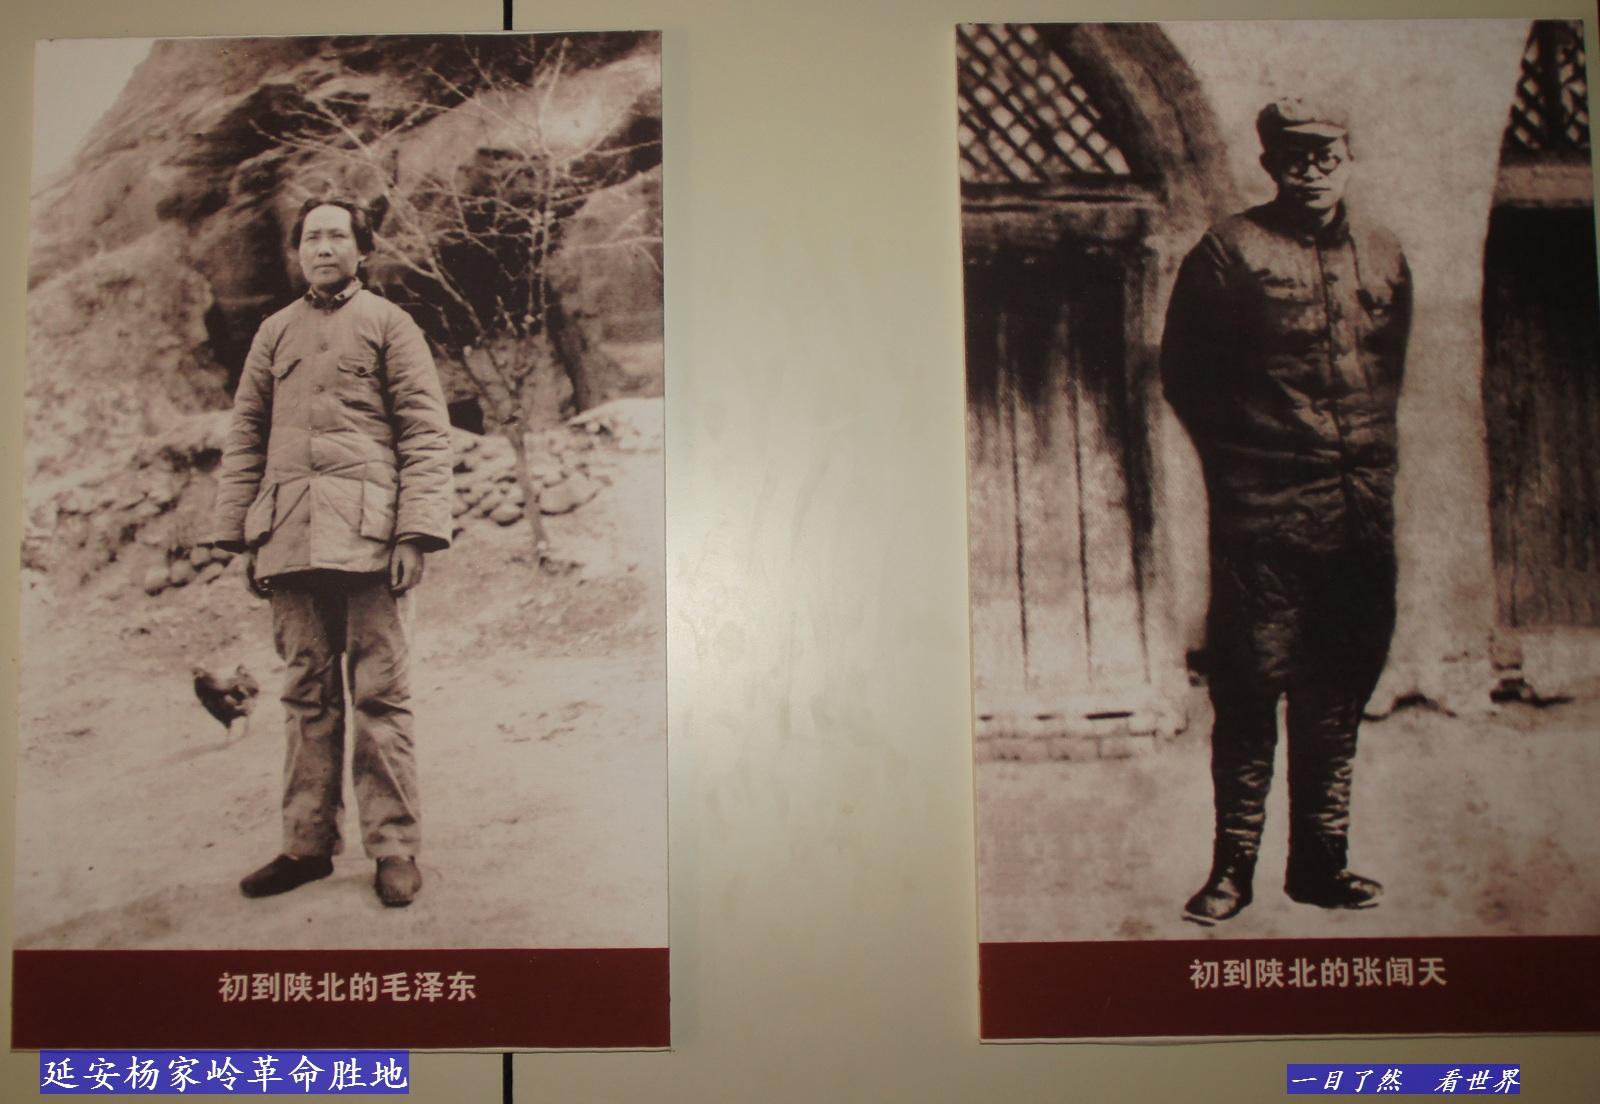 延安杨家岭革命胜地---70-1600.jpg